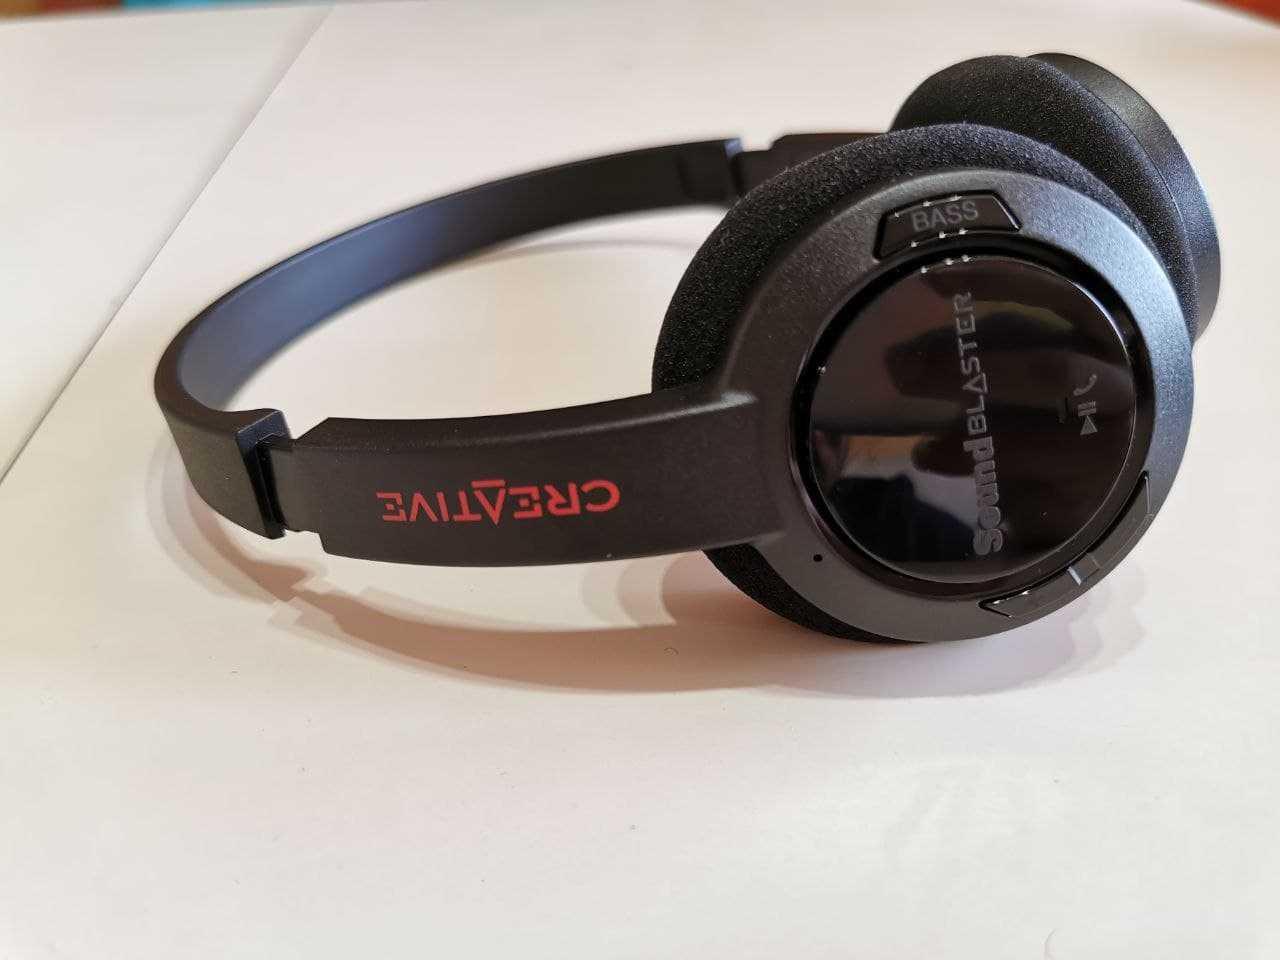 Creative SoundBlaster Jam V2 Review: I'd buy them back!